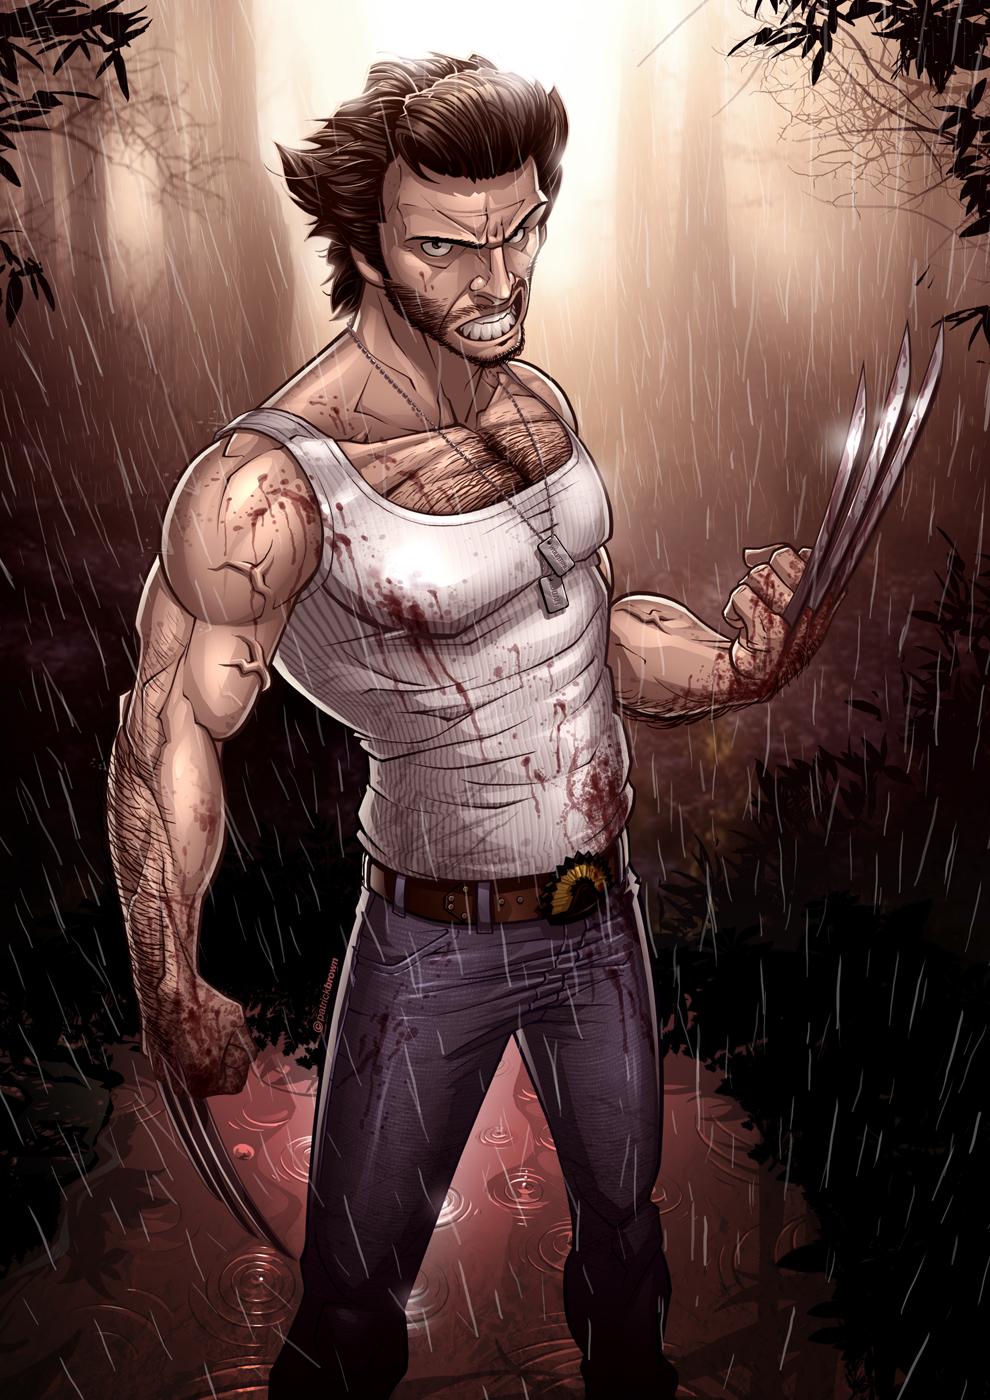 X men origins wolverine by patrickbrown on deviantart - Wolverine cgi ...